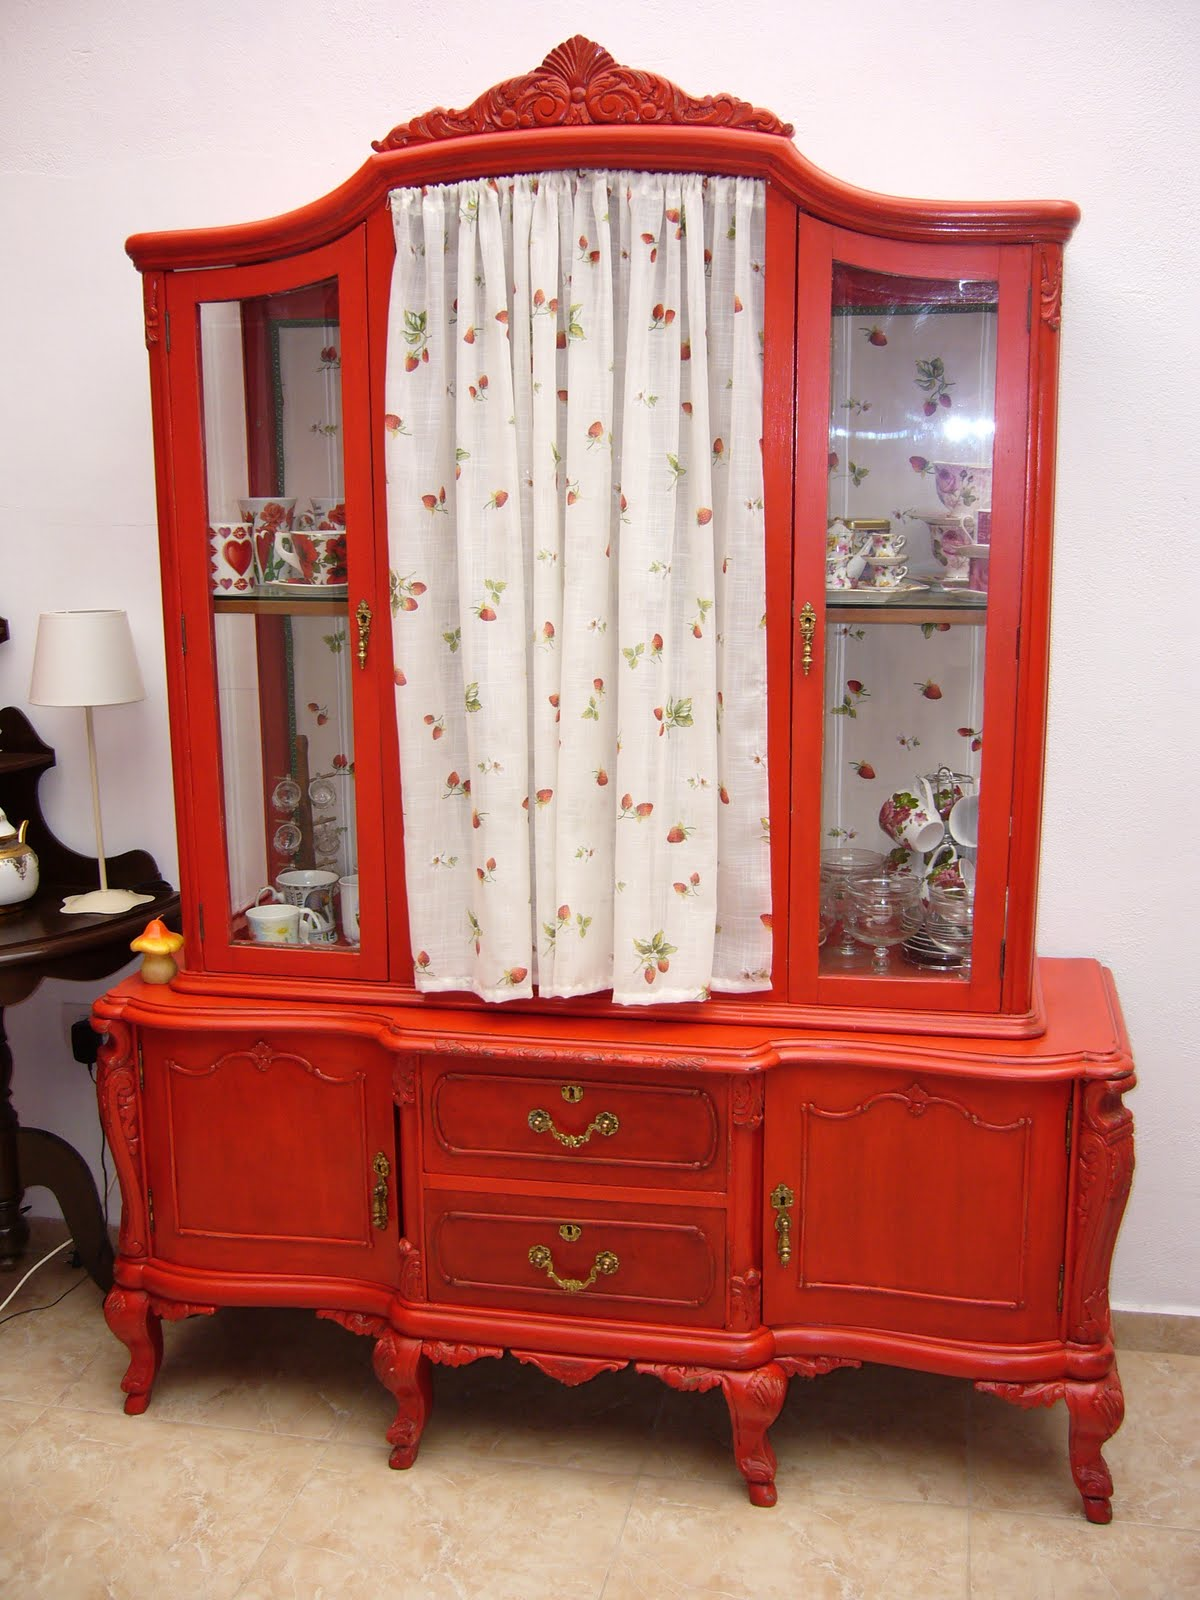 La restauradora muebles patinados cuatro rojos - Muebles antiguos pintados de blanco ...